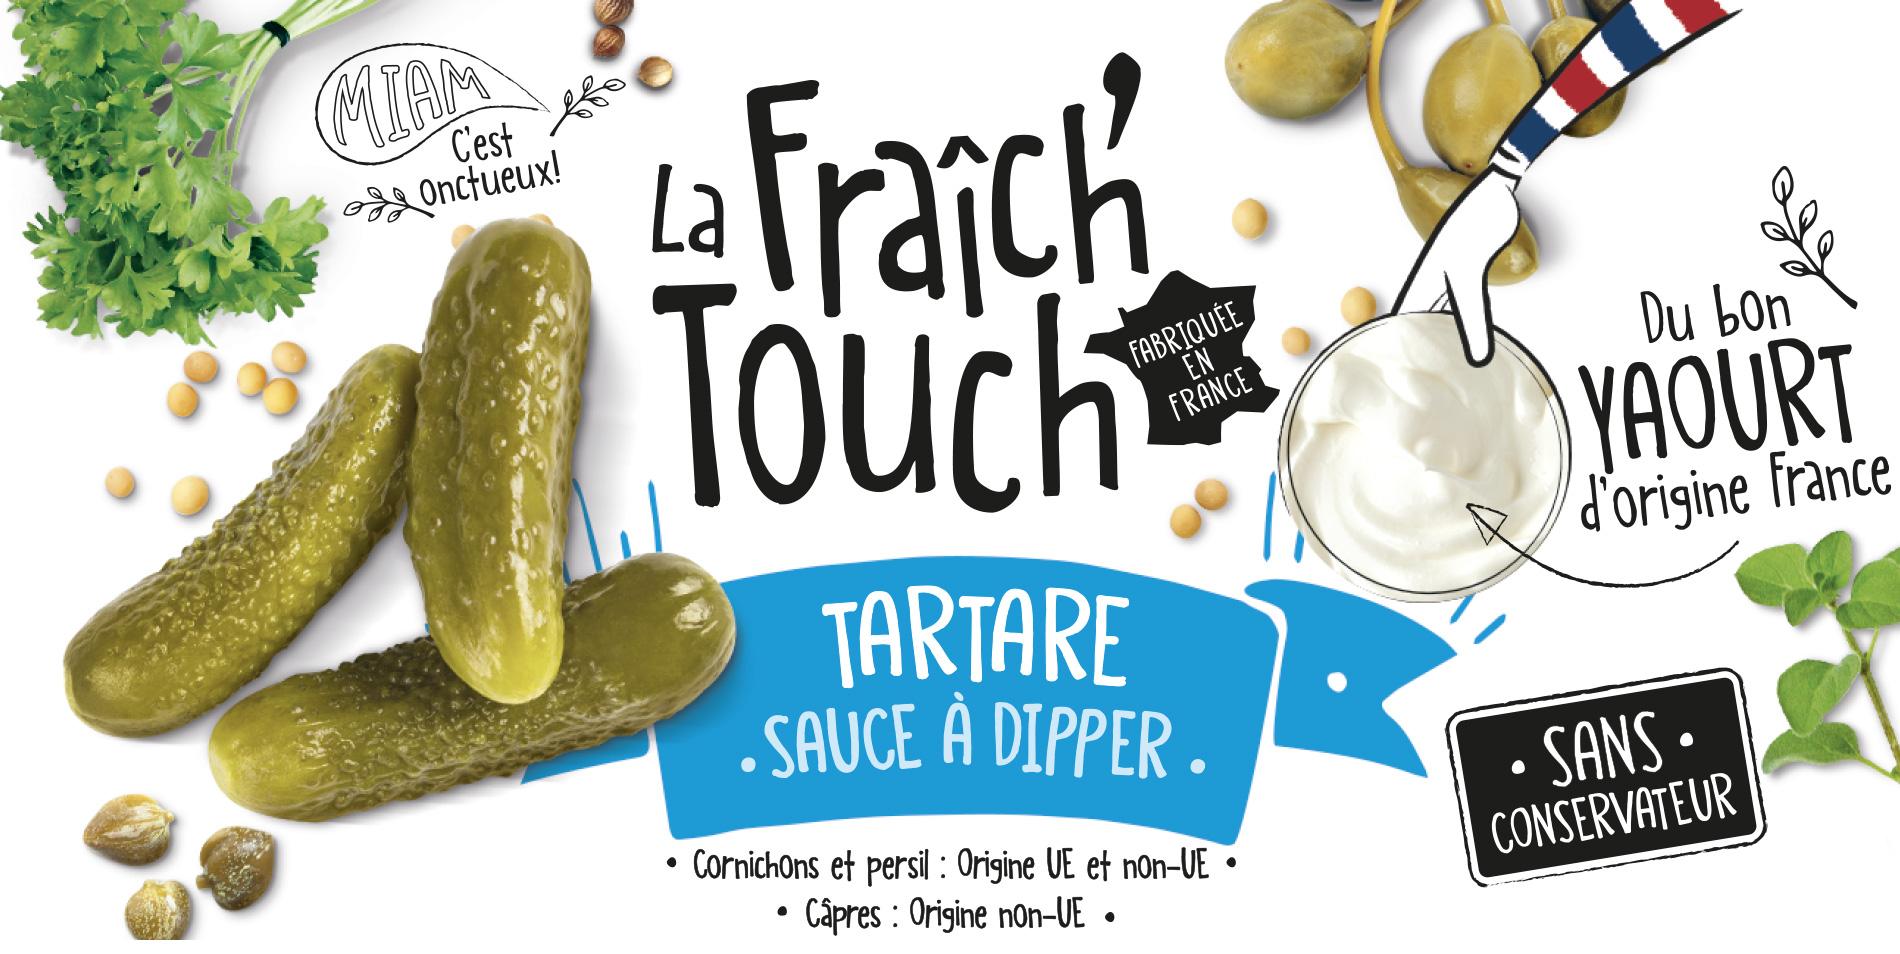 La Fraich'Touch cover sauce tartare